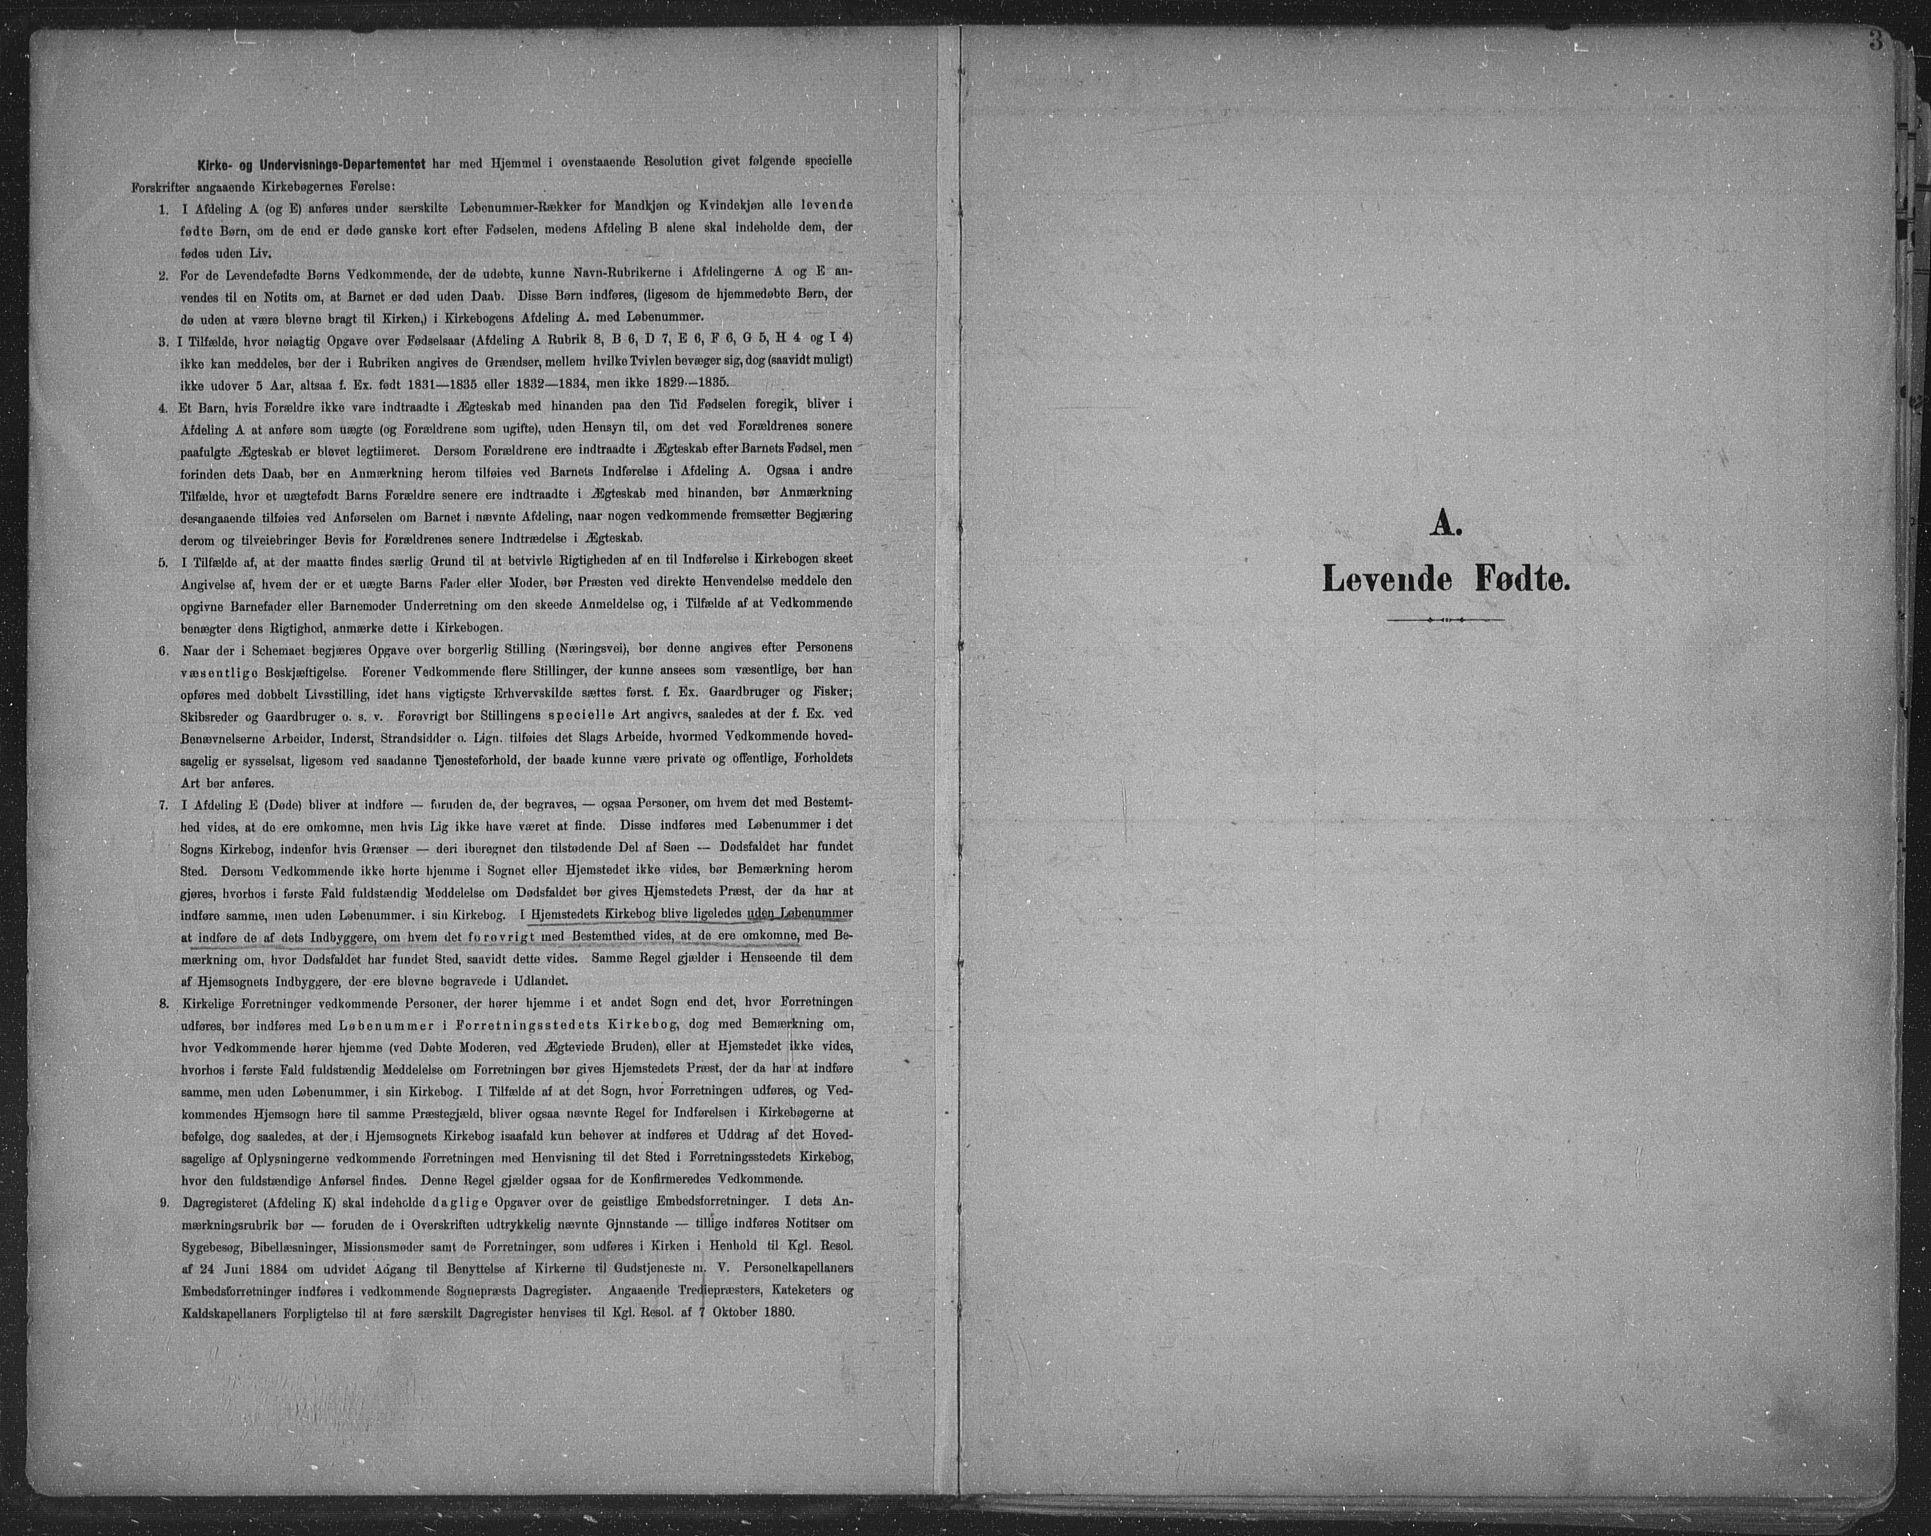 SAKO, Skien kirkebøker, F/Fa/L0011: Ministerialbok nr. 11, 1900-1907, s. 3